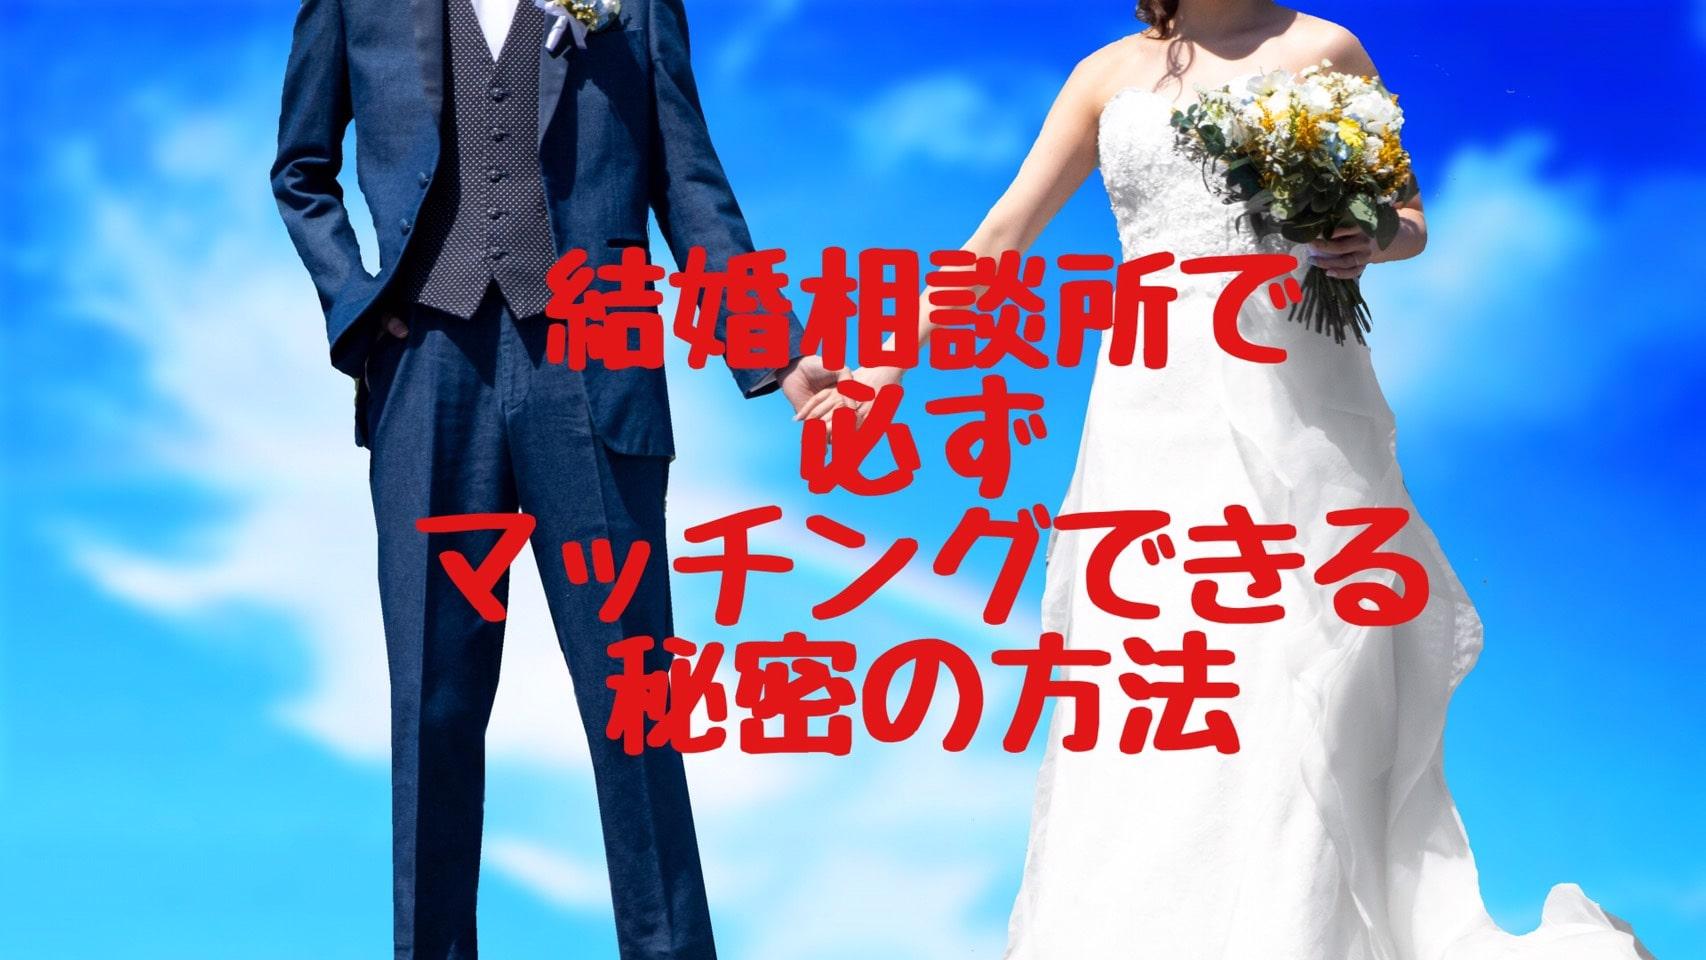 結婚相談所で必ずマッチングできる方法。短期間での成婚退会を目指す!